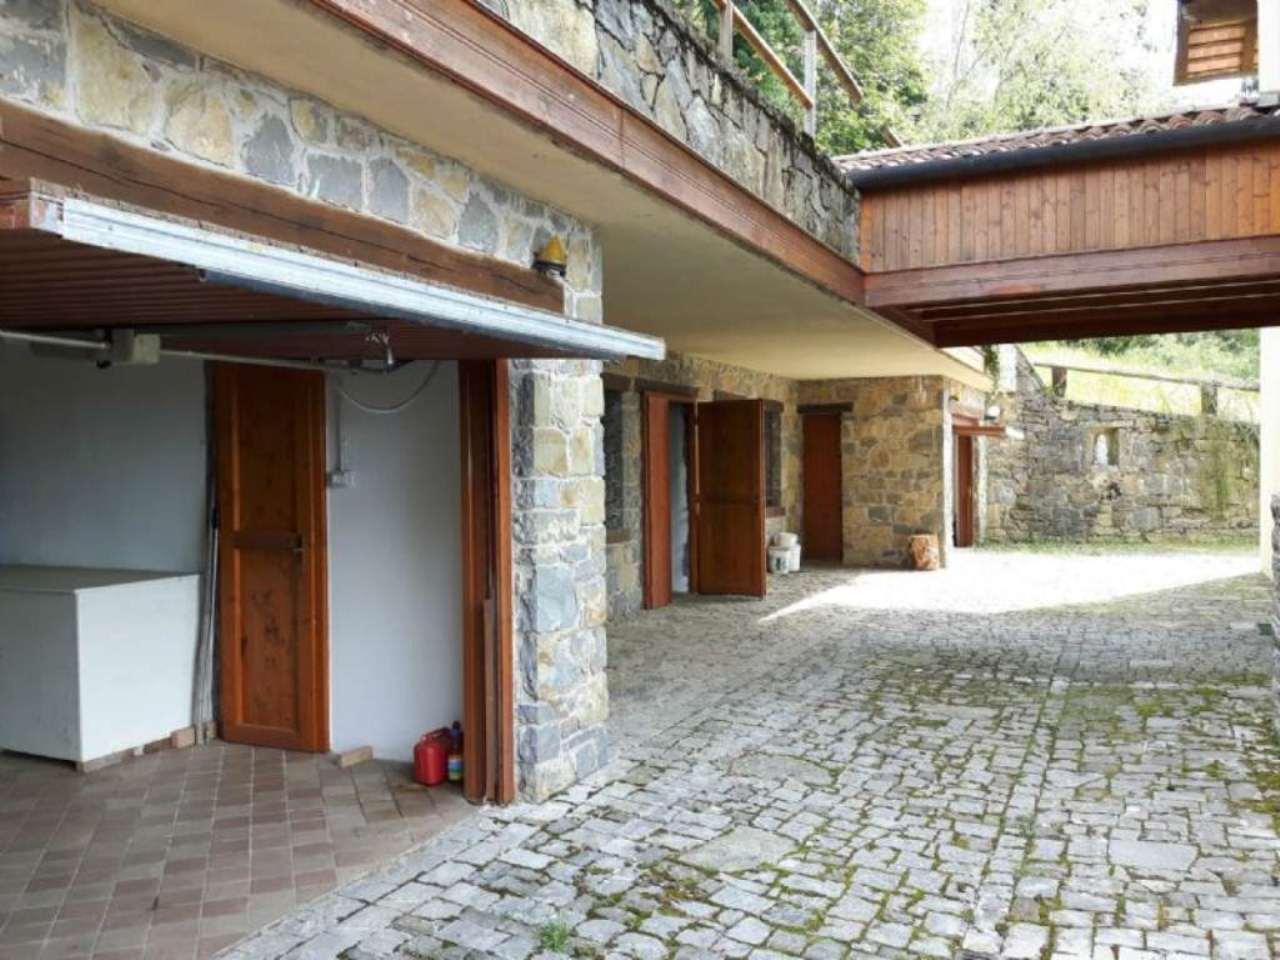 Soluzione Indipendente in vendita a Savogna, 1 locali, prezzo € 295.000 | Cambio Casa.it